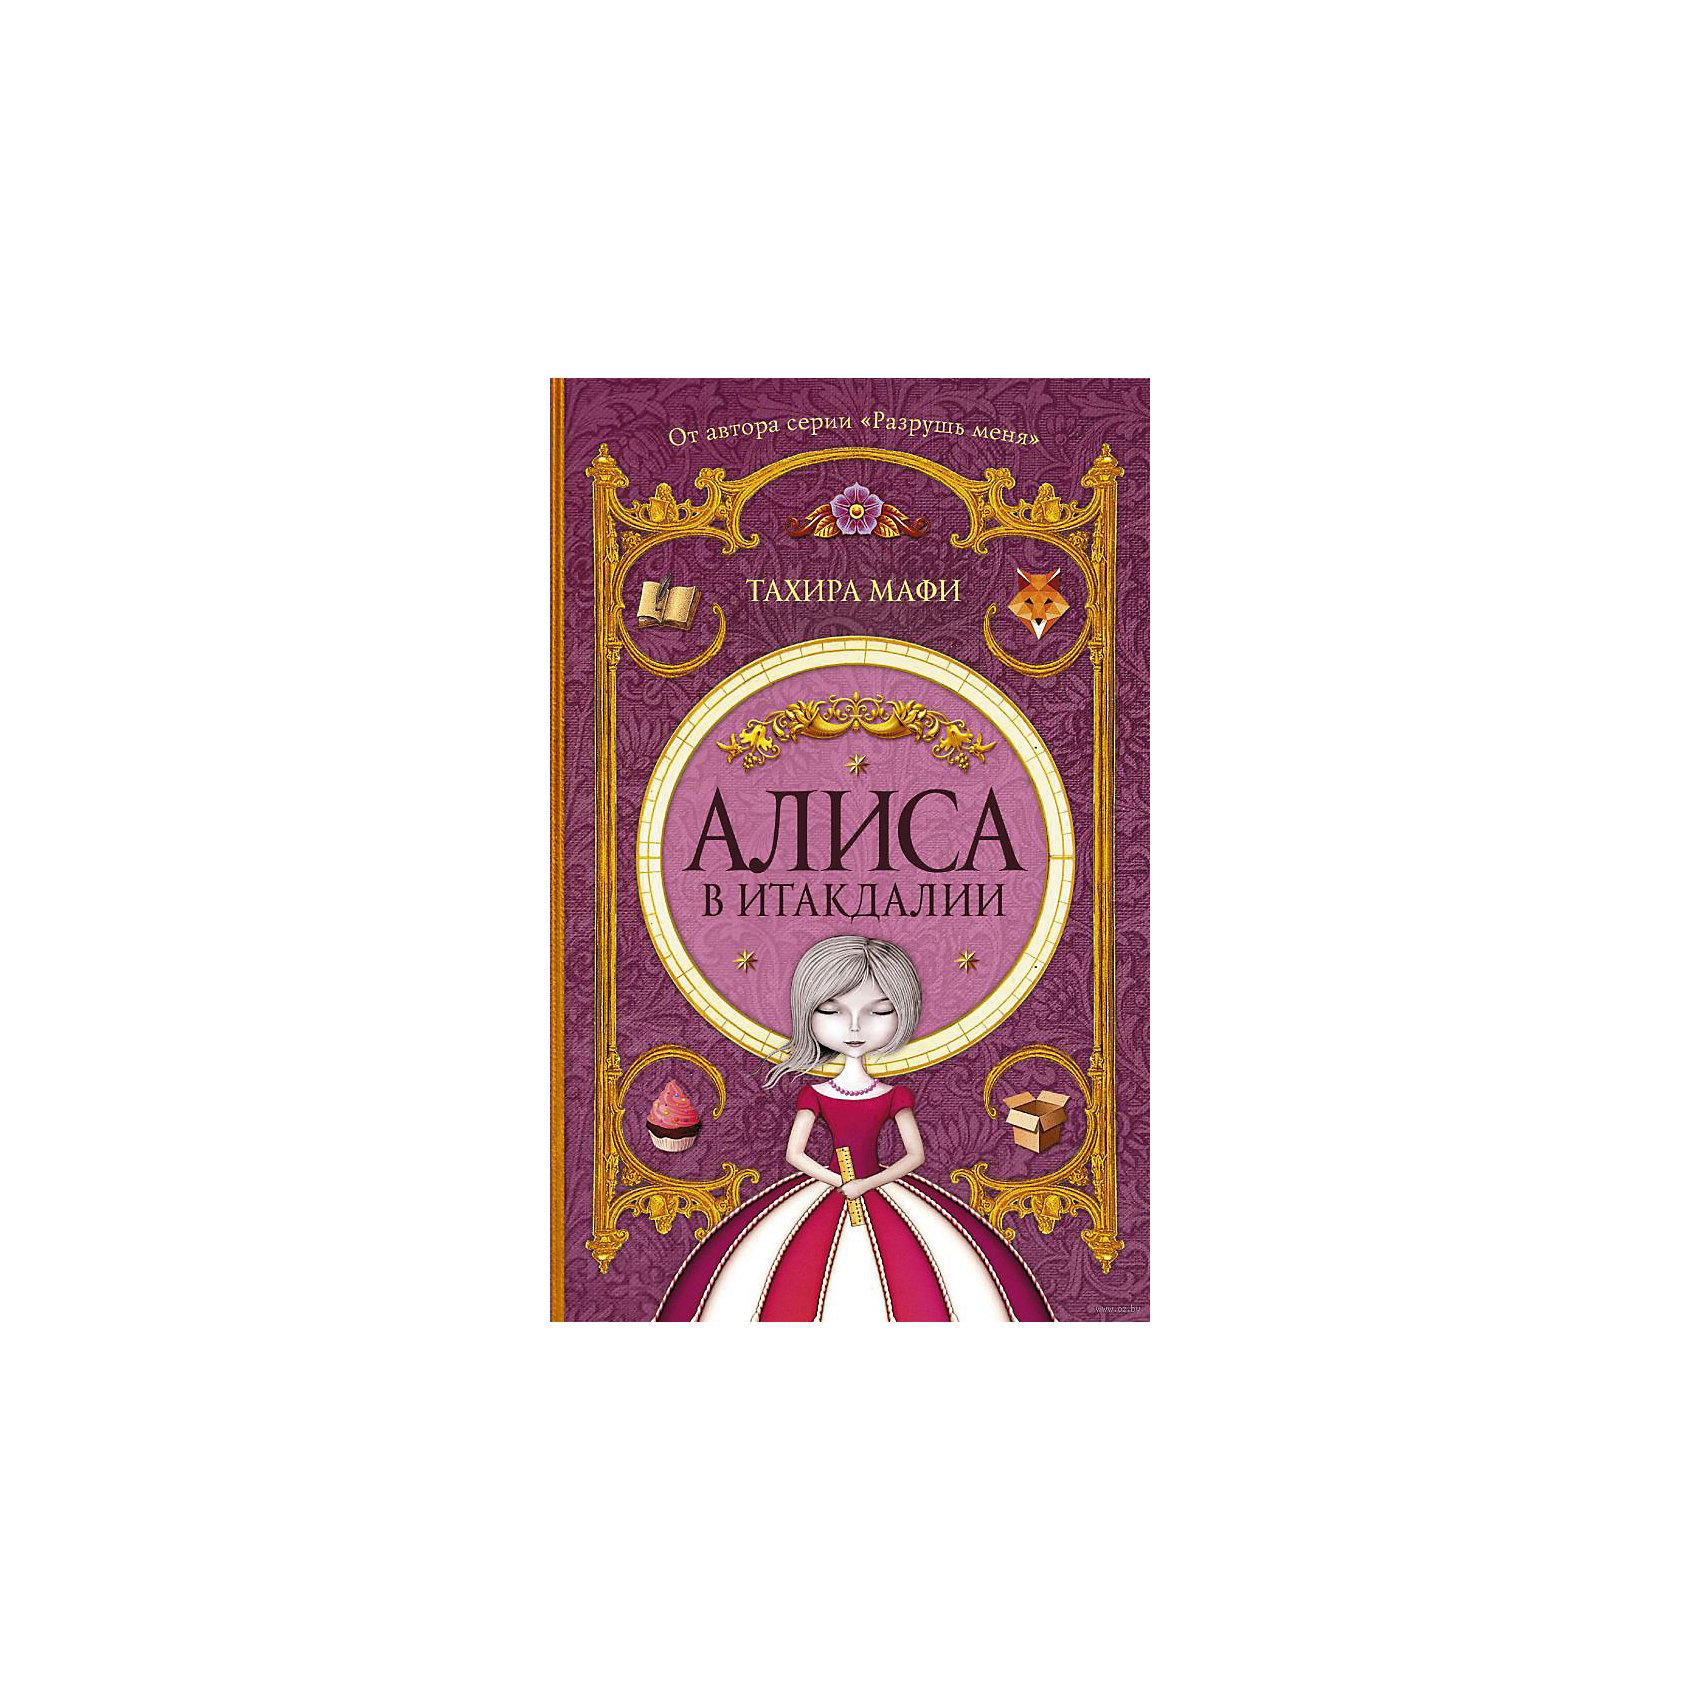 Алиса в Итакдалии, Тахира МафиСказки<br>Алиса — необычная девочка, которая живет городке Ференвуд, полном красок и магии, только сама она… бесцветная, тусклая. Алиса носит яркие юбки и огромные браслеты, обожает живые цветы и захватывающие приключения. Больше всего на свете она любит свою семью: маму, братьев и отца… который пропал без вести три года назад. И любовь Алисы к отцу так сильна, что она вместе с другом Оливером отправляется в незнакомую, опасную страну Итакдалию (где в последний раз видели ее отца). А там! Все вверх дном, и живые бумажные лисы, и правое — на самом деле левое… Именно в этом чарующем месте Алиса узнает, что такое магия приключений и дружбы.<br><br>Ширина мм: 200<br>Глубина мм: 125<br>Высота мм: 140<br>Вес г: 345<br>Возраст от месяцев: 84<br>Возраст до месяцев: 2147483647<br>Пол: Унисекс<br>Возраст: Детский<br>SKU: 6848237